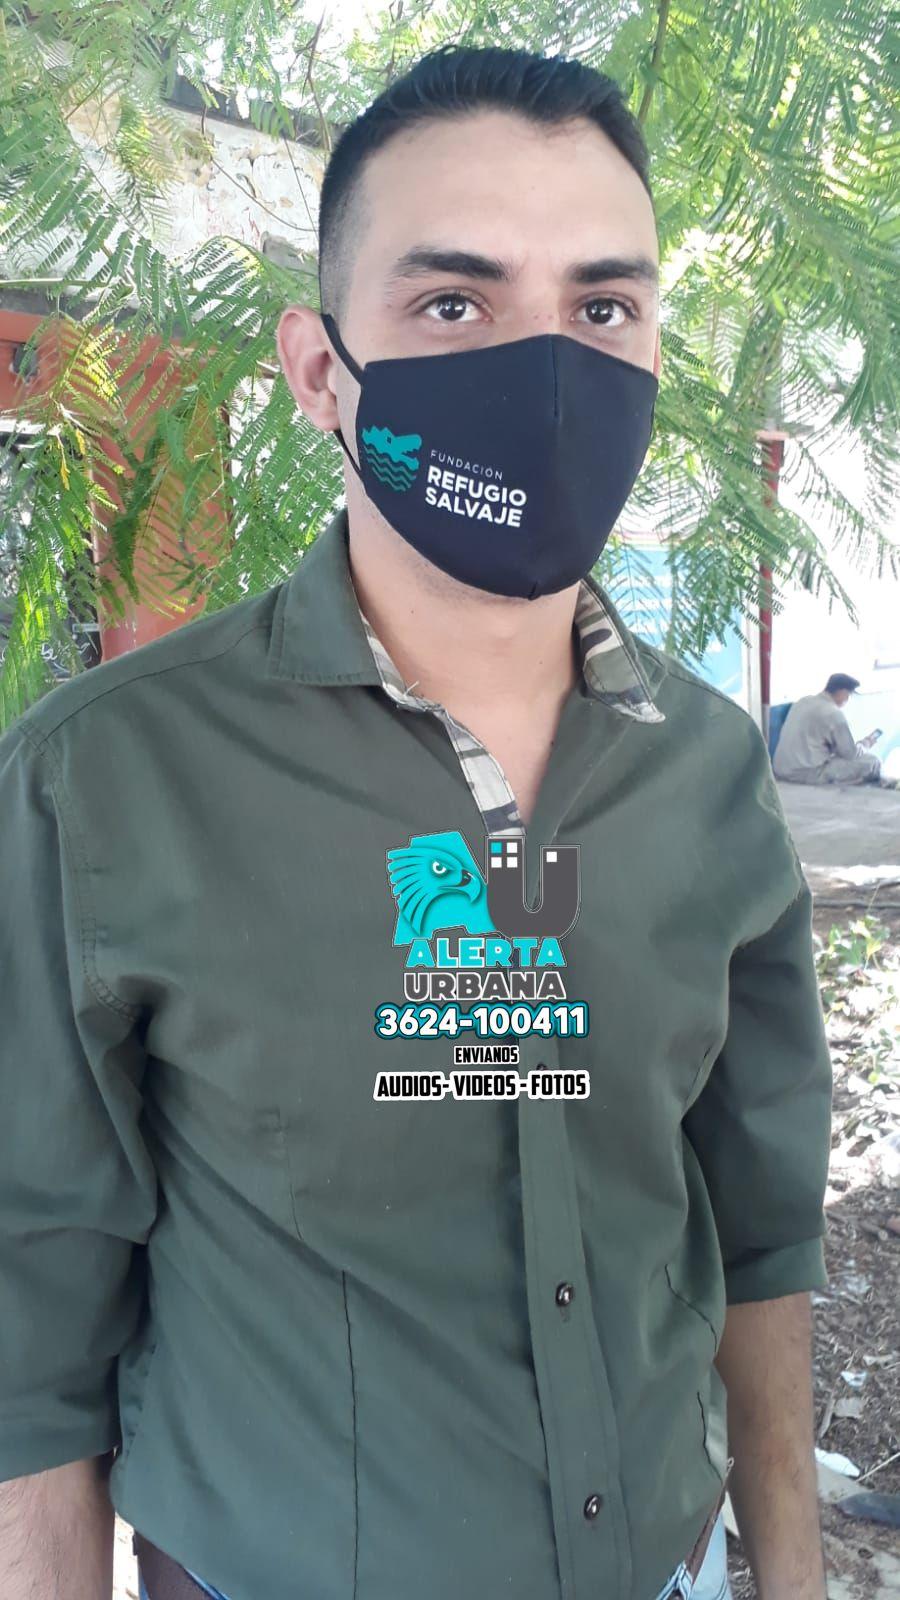 Fundación Refugio Salvaje asesora ante la aparición de animales silvestres